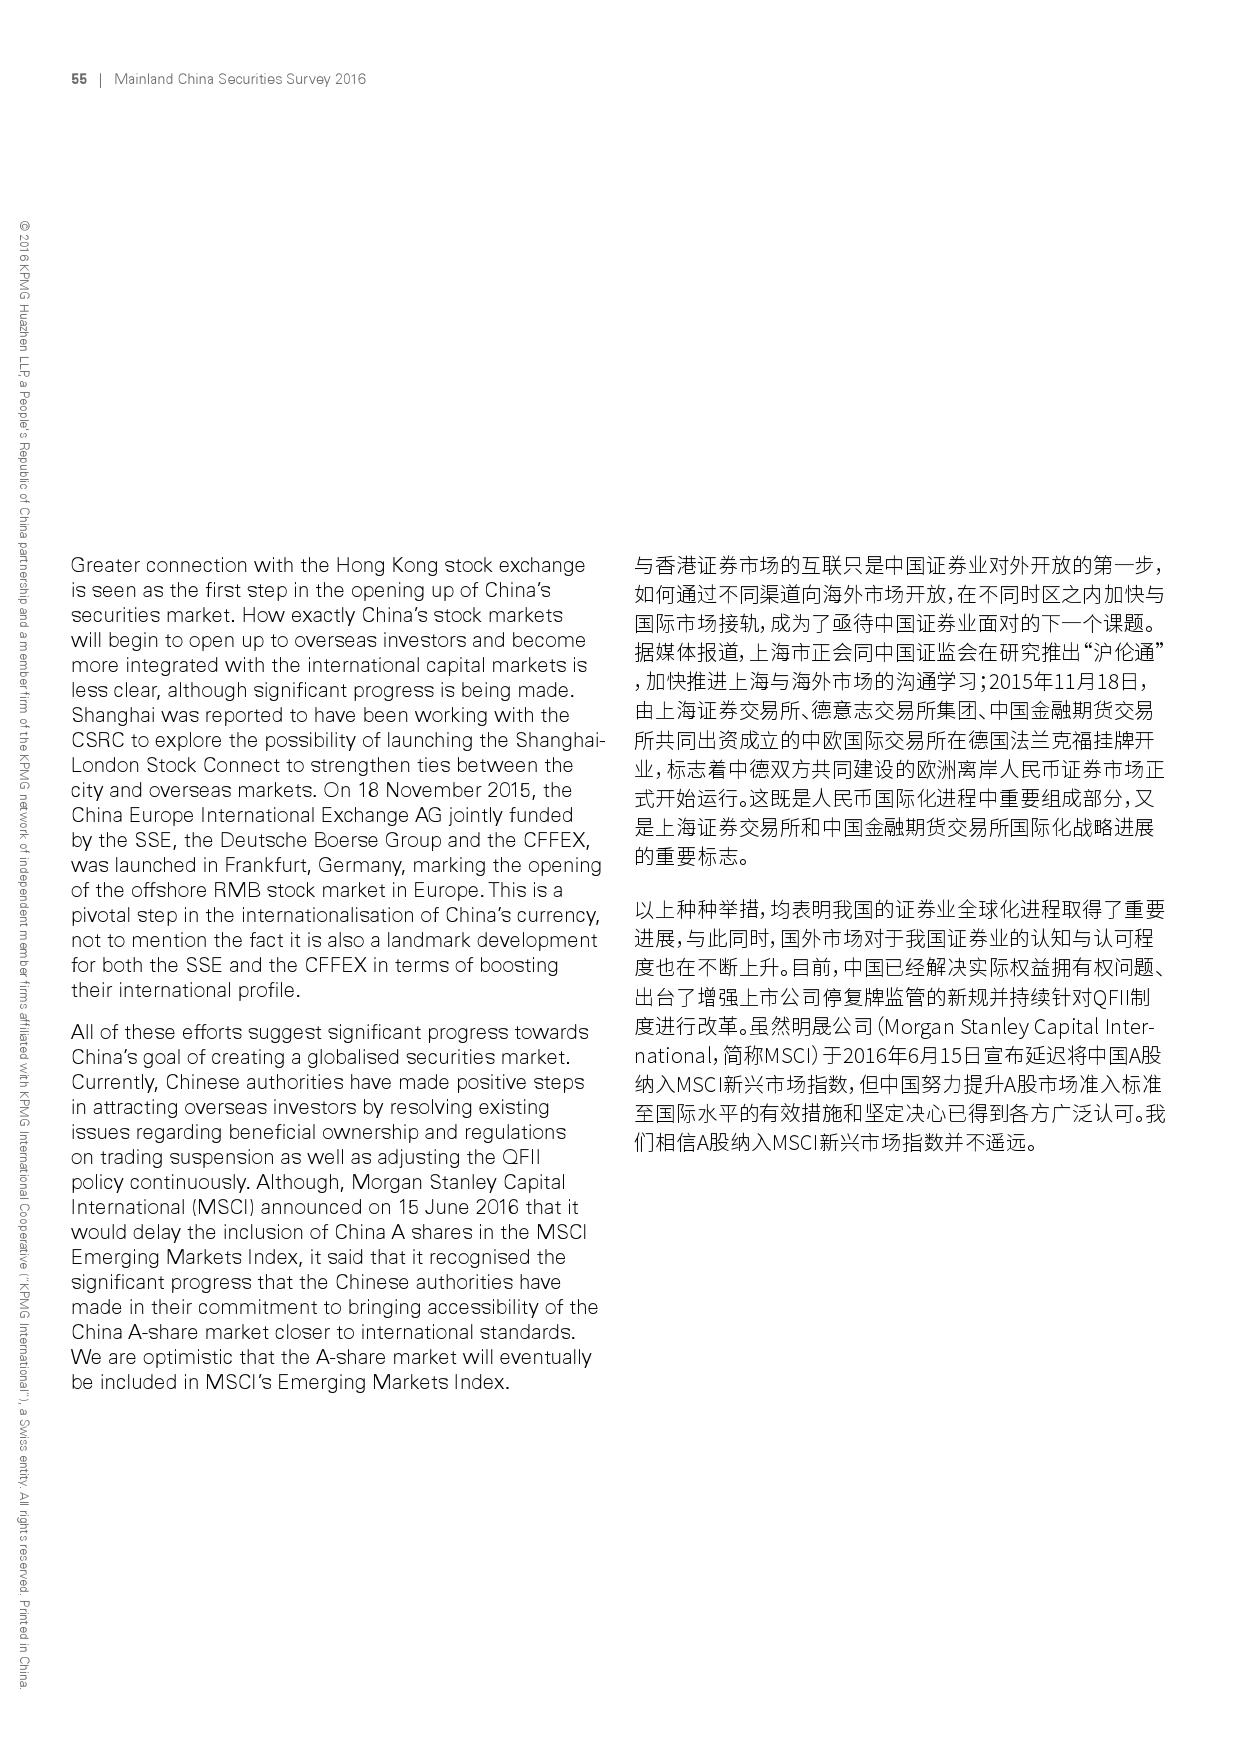 2016年中国证券业调查报告_000058